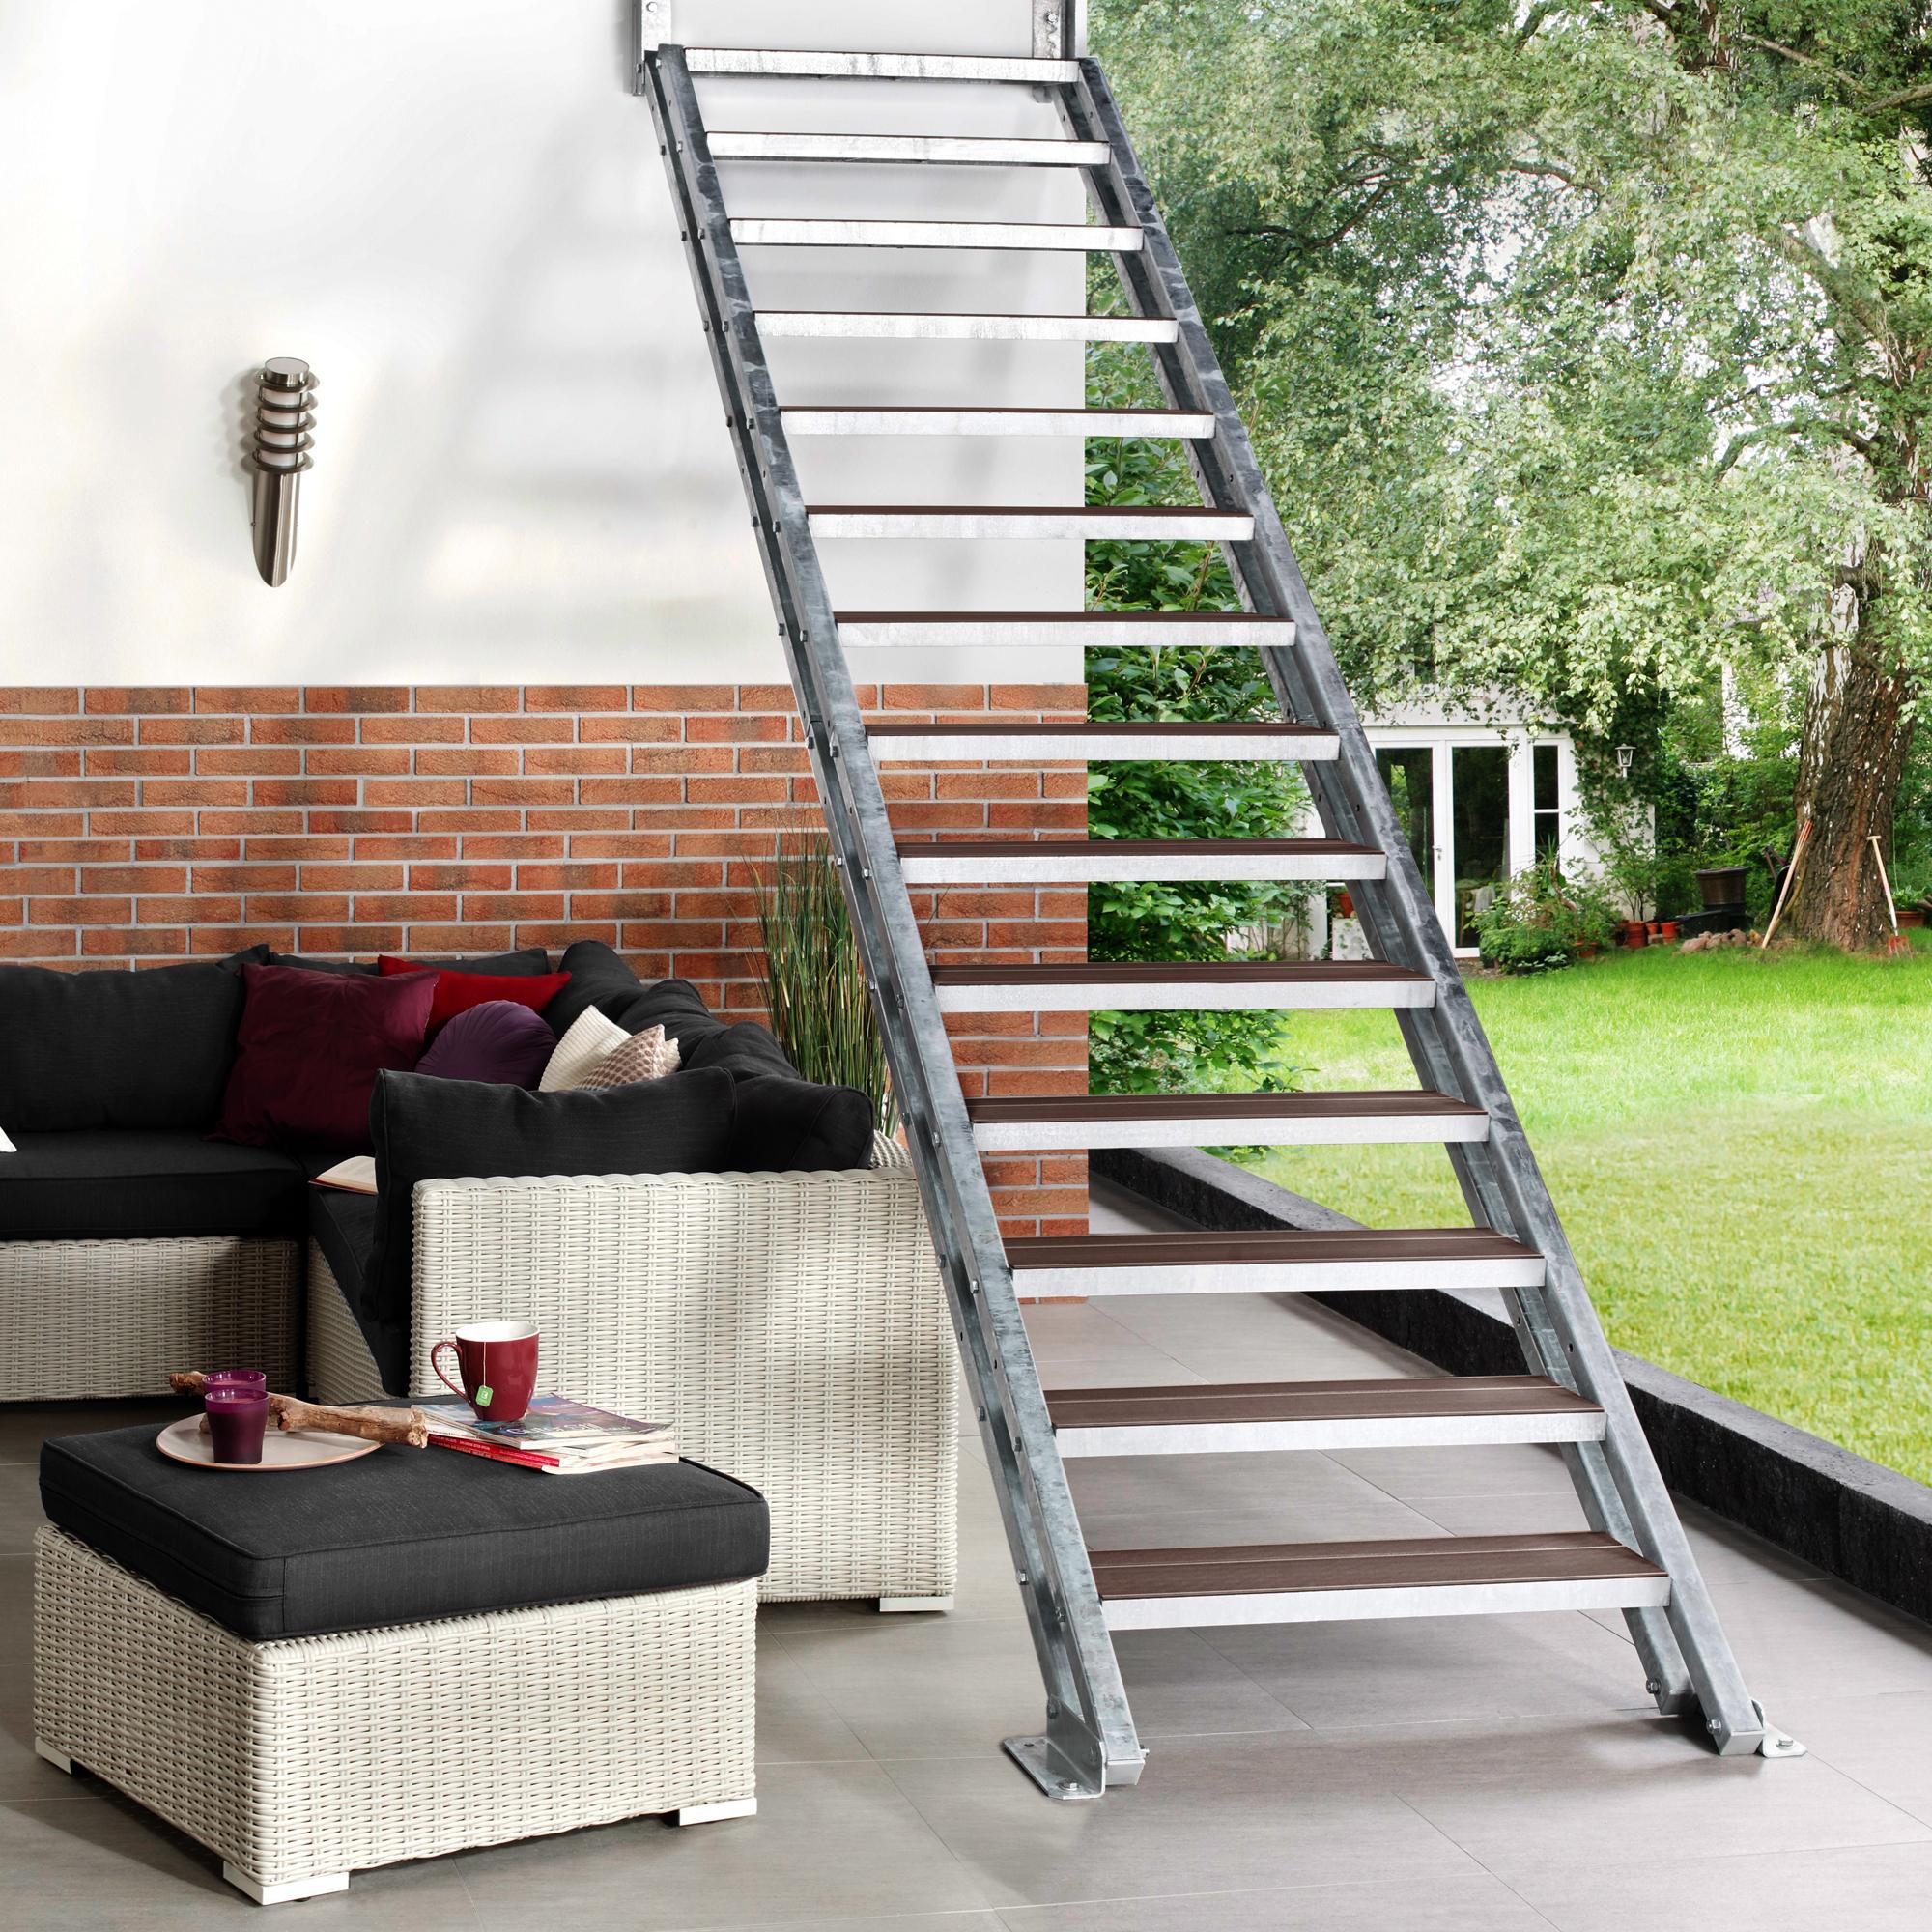 au entreppe hollywood wpc gel nder zum g nstigen preis. Black Bedroom Furniture Sets. Home Design Ideas